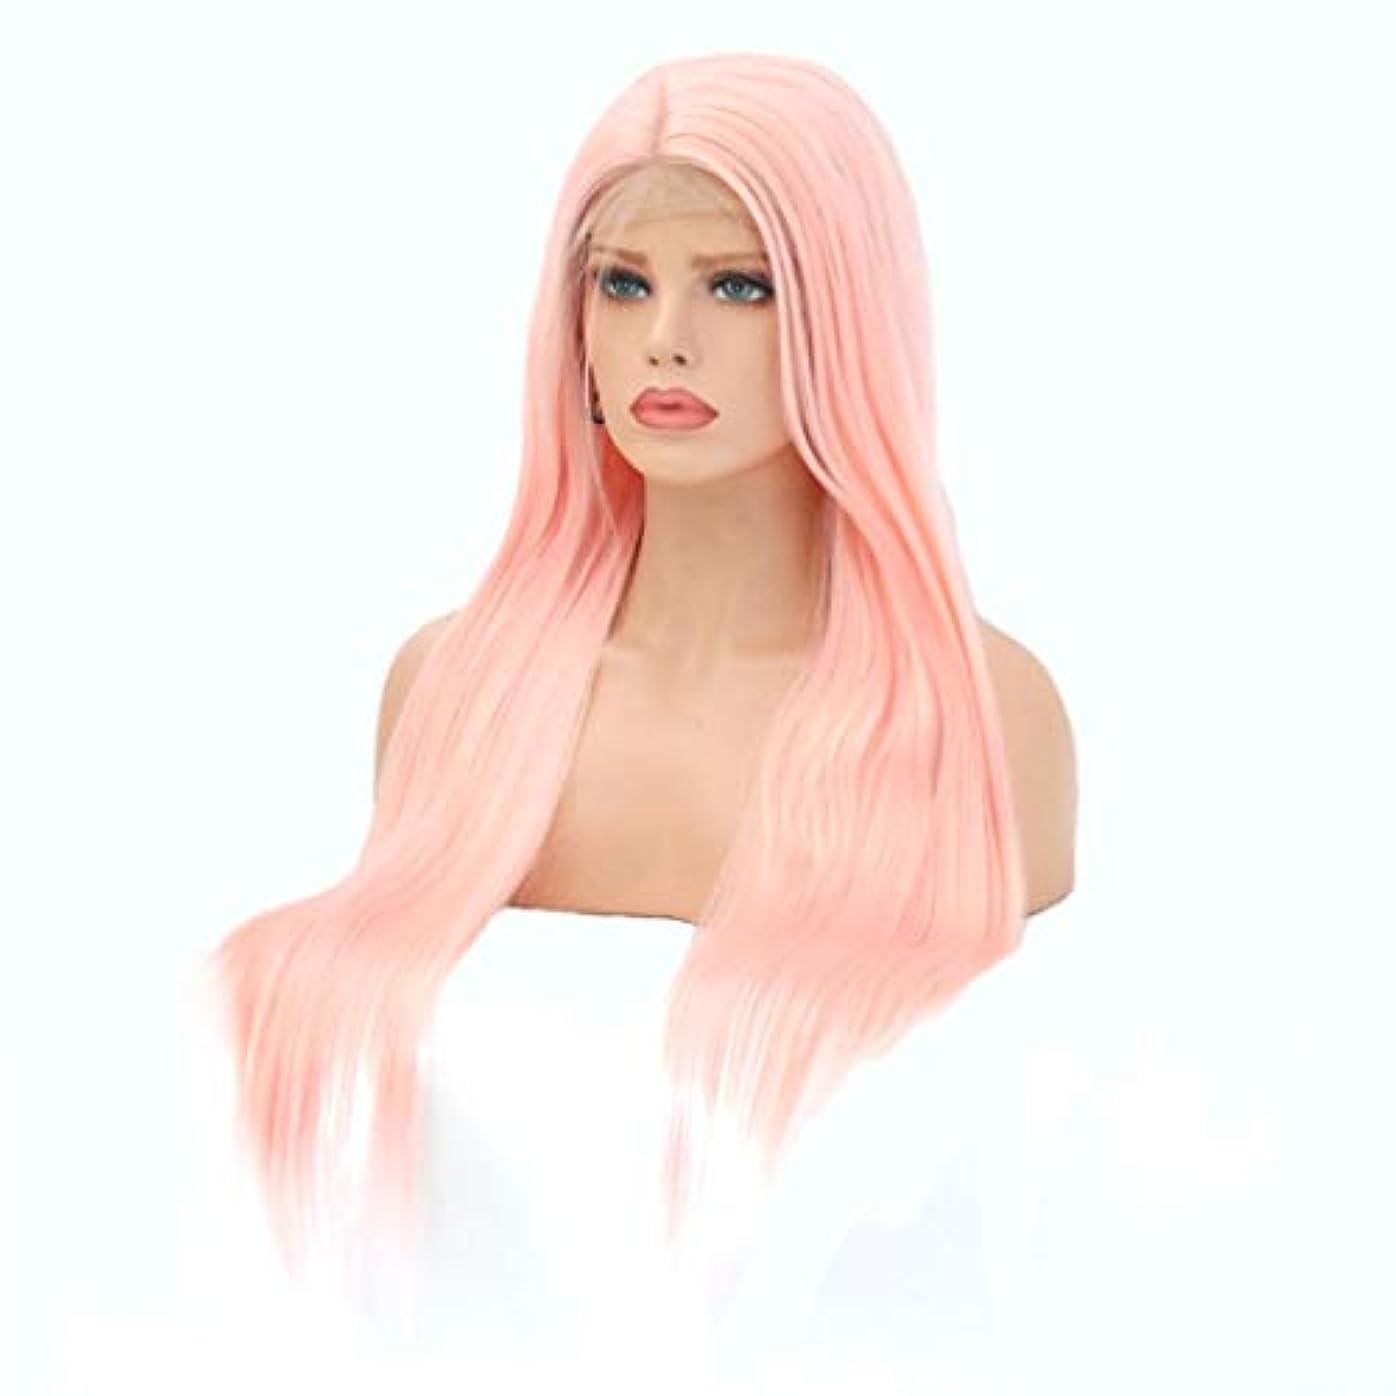 縫うシアーアートSummerys 女性のためのフロントレースウィッグピンクの長いストレートの髪の化学繊維ウィッグヘッドギア